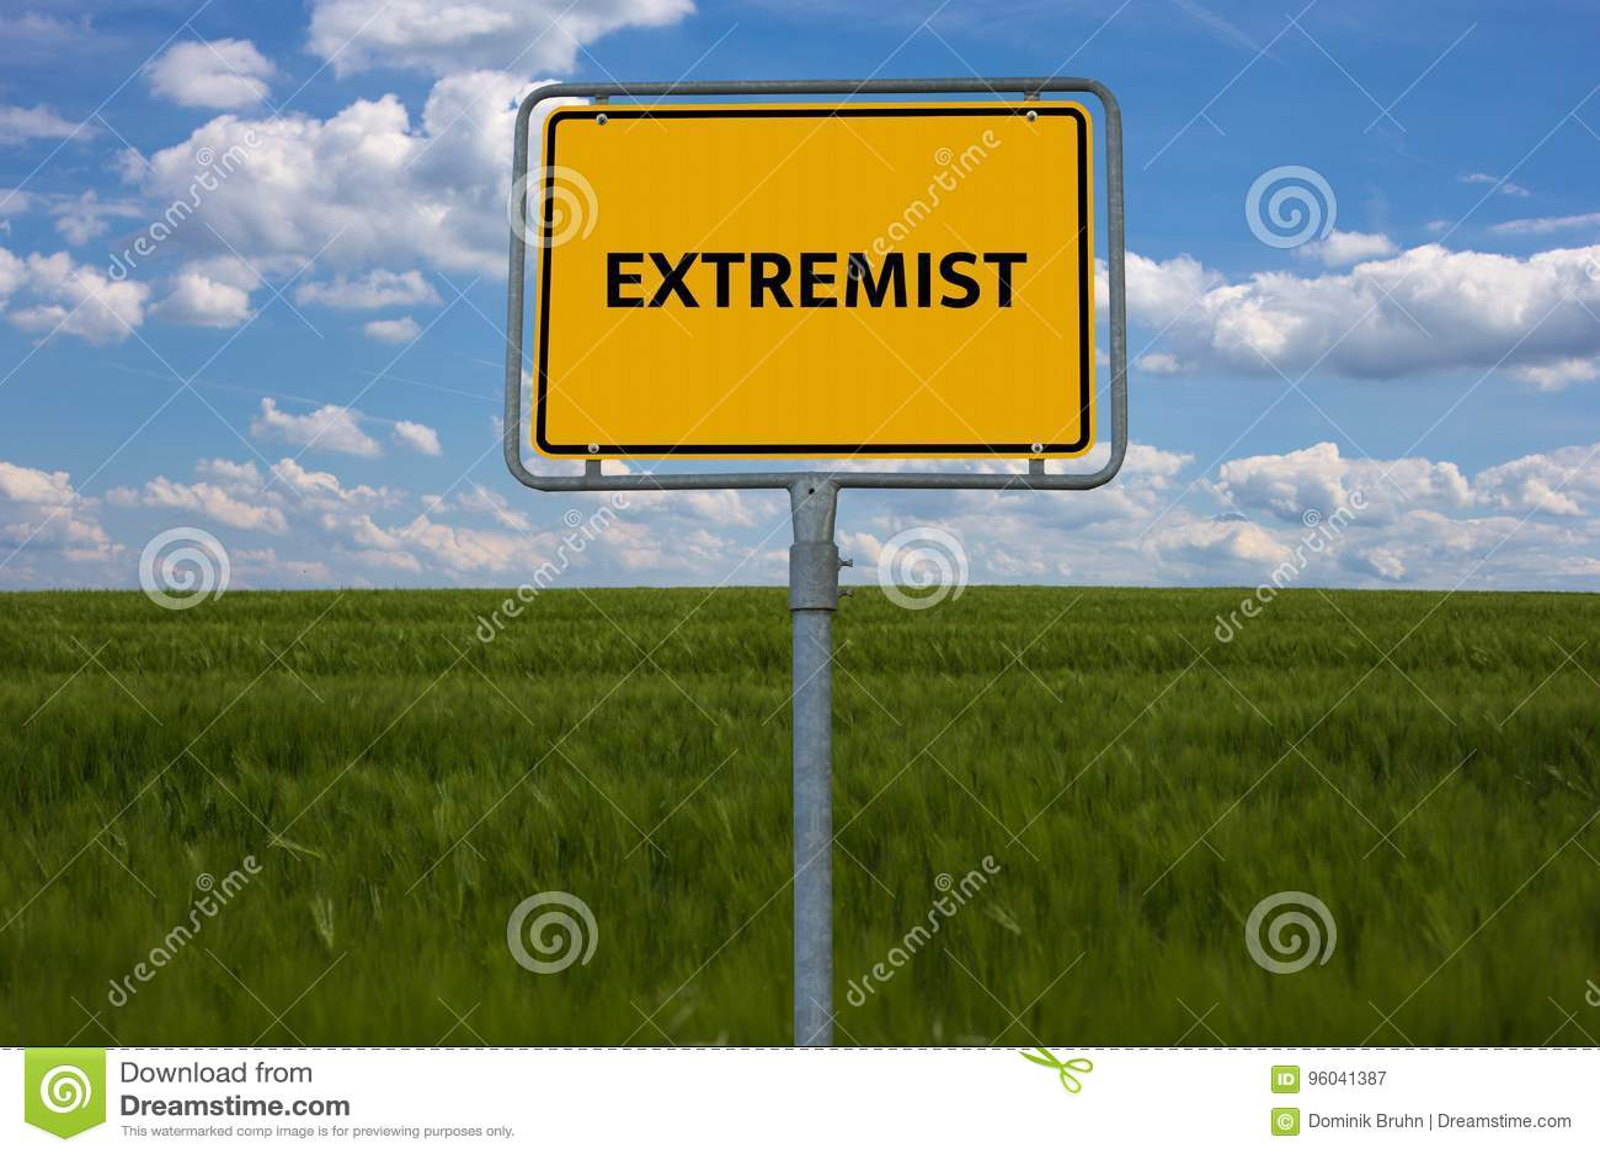 EXTREMISTISCH - CONSERVATIEF - beeld met woorden verbonden aan onderwerpextremism, woord, beeld, illustratie